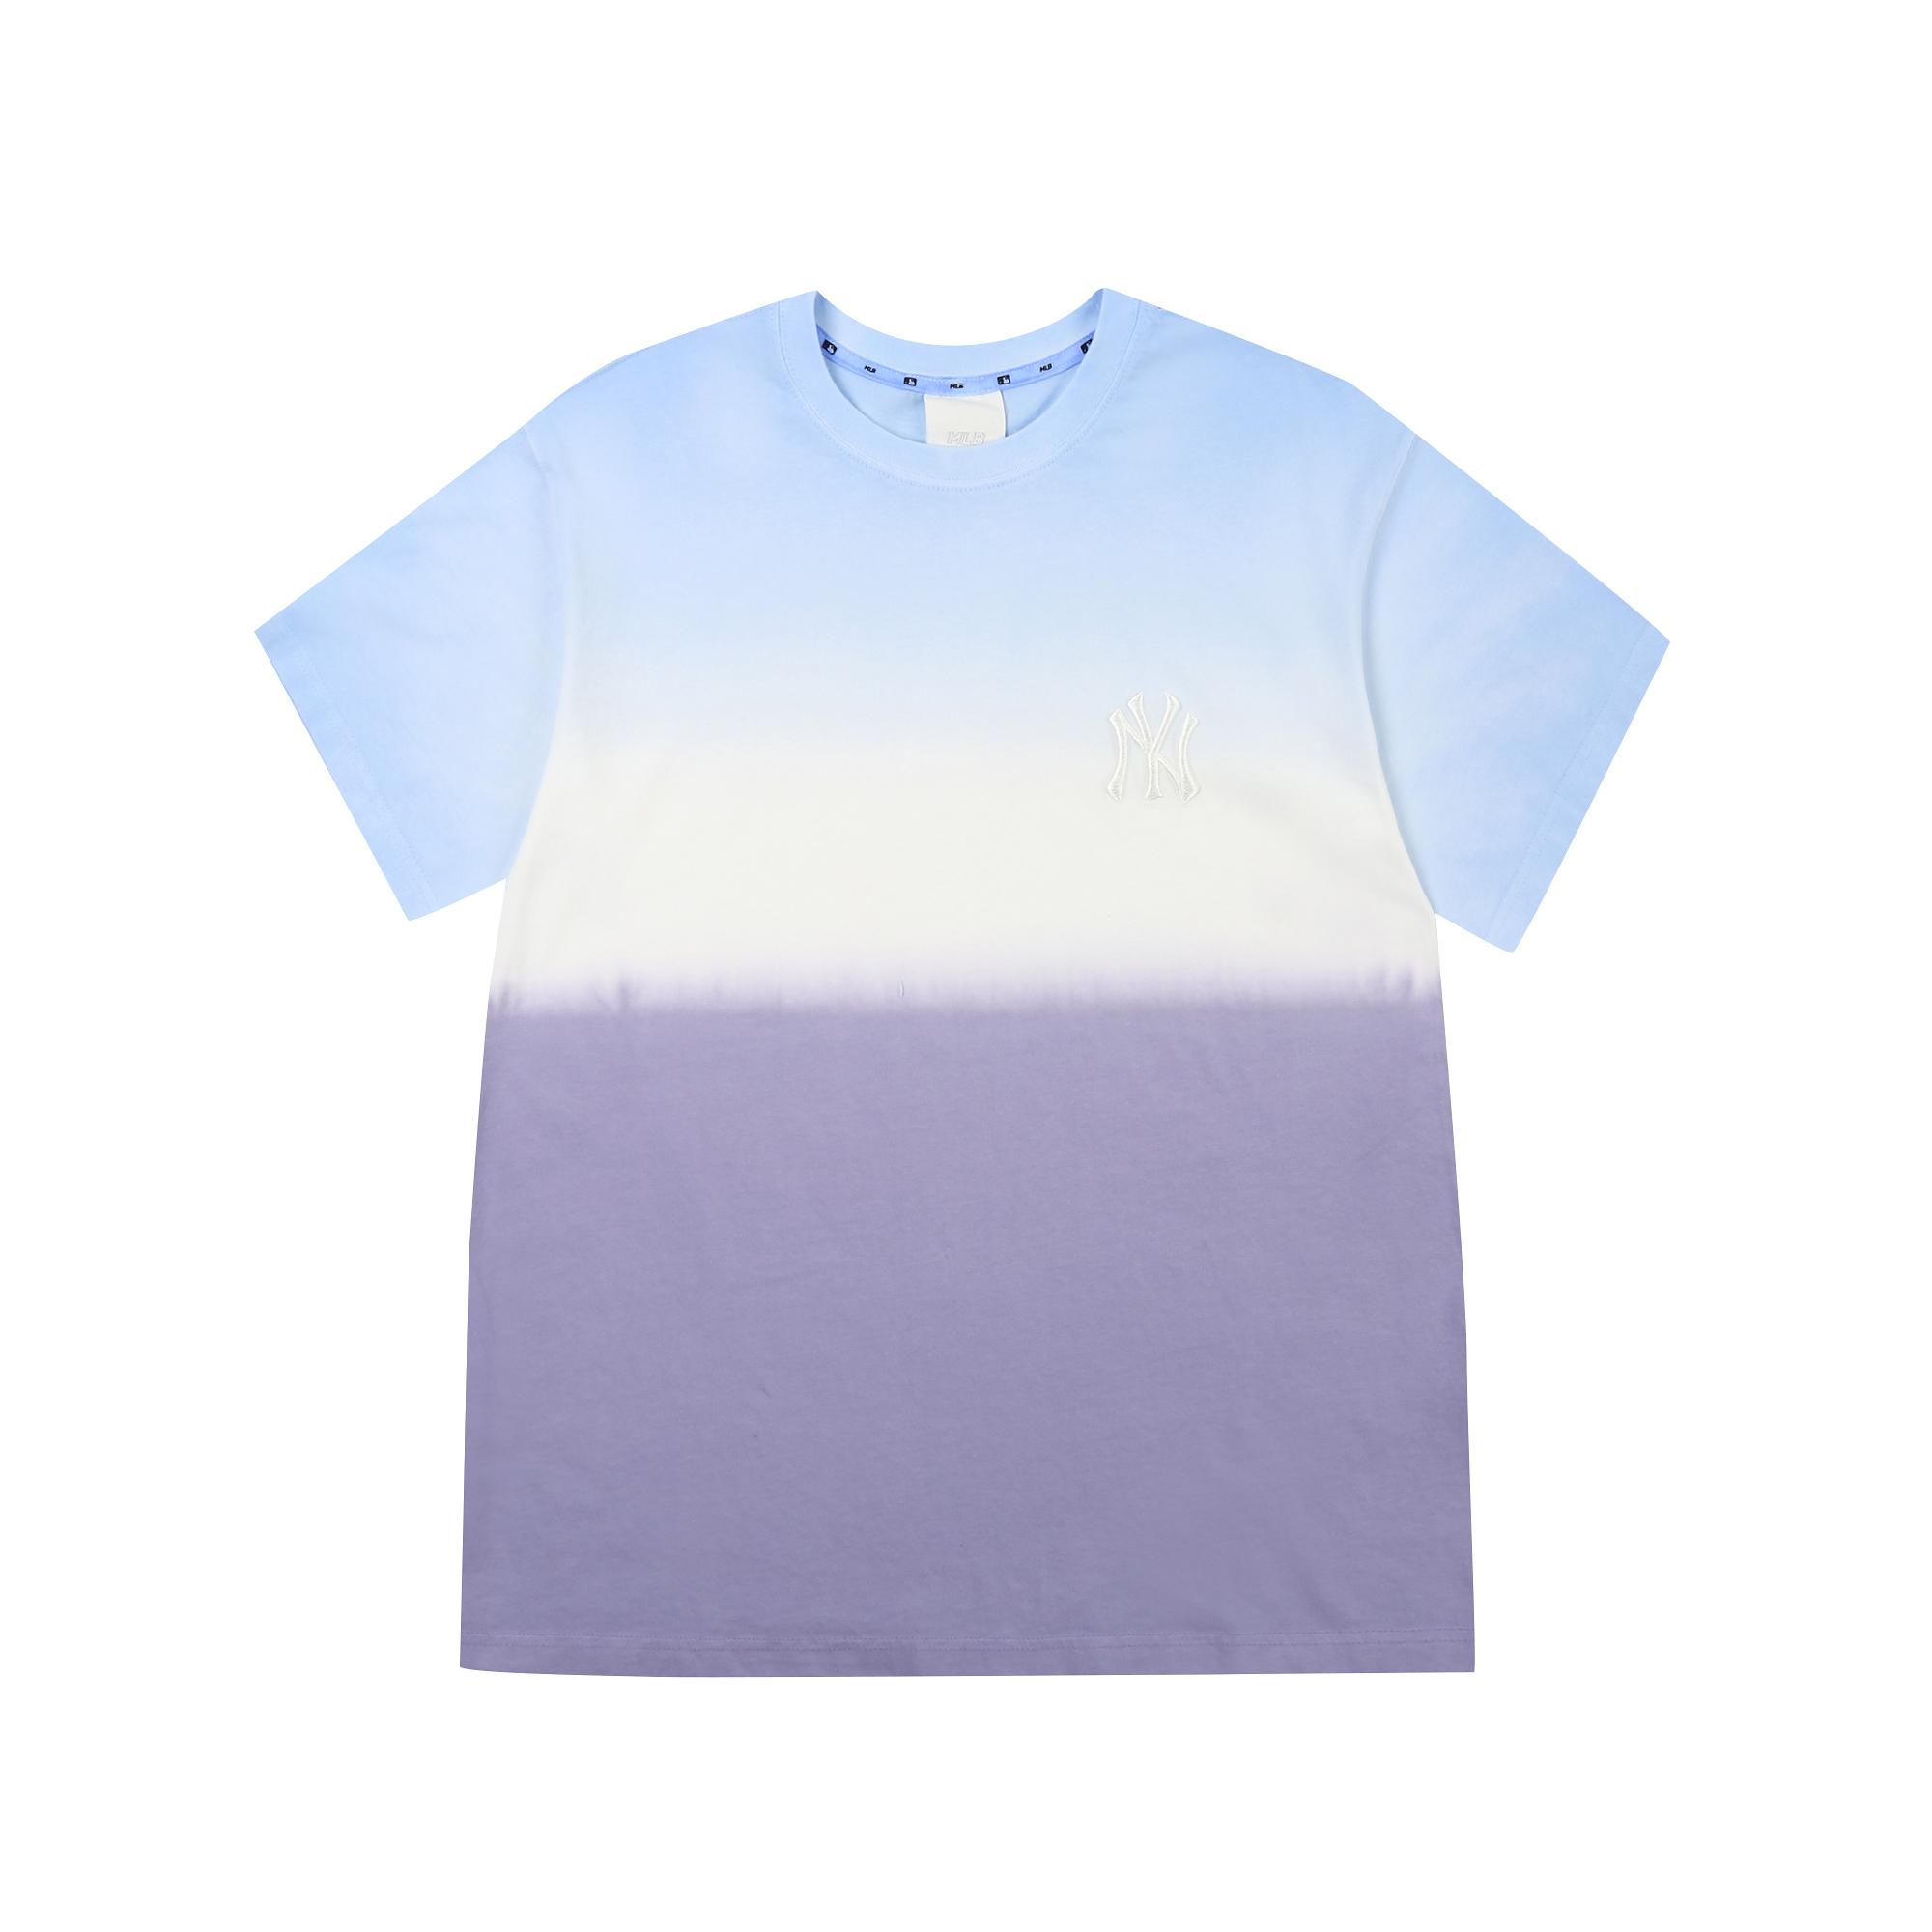 로고 베이직 타이 다잉 오버핏 반팔 티셔츠 뉴욕양키스